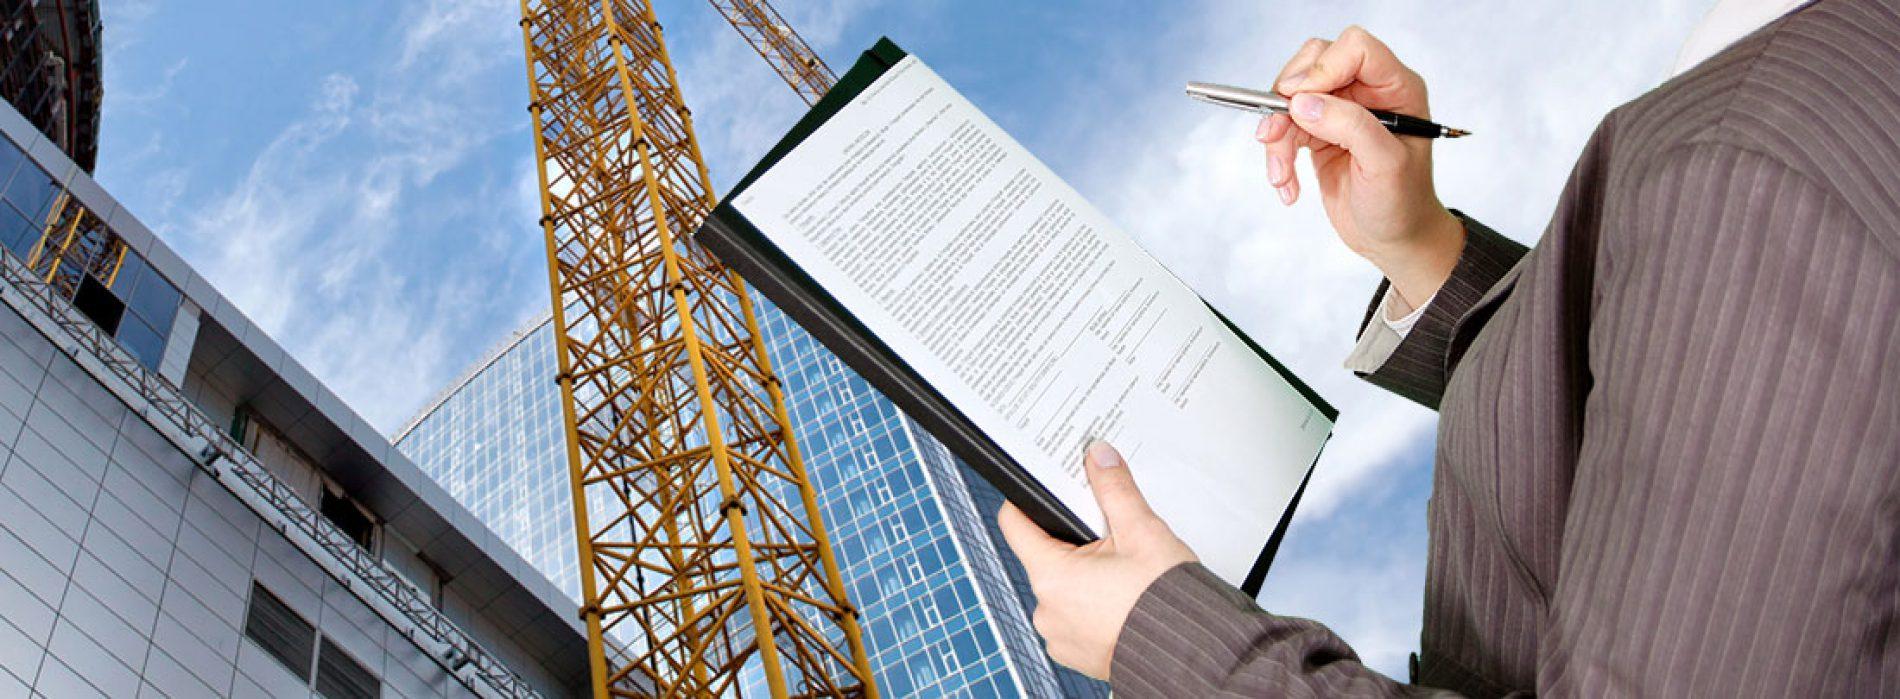 La filiera delle costruzioni avanza correzioni al Nuovo Codice Appalti